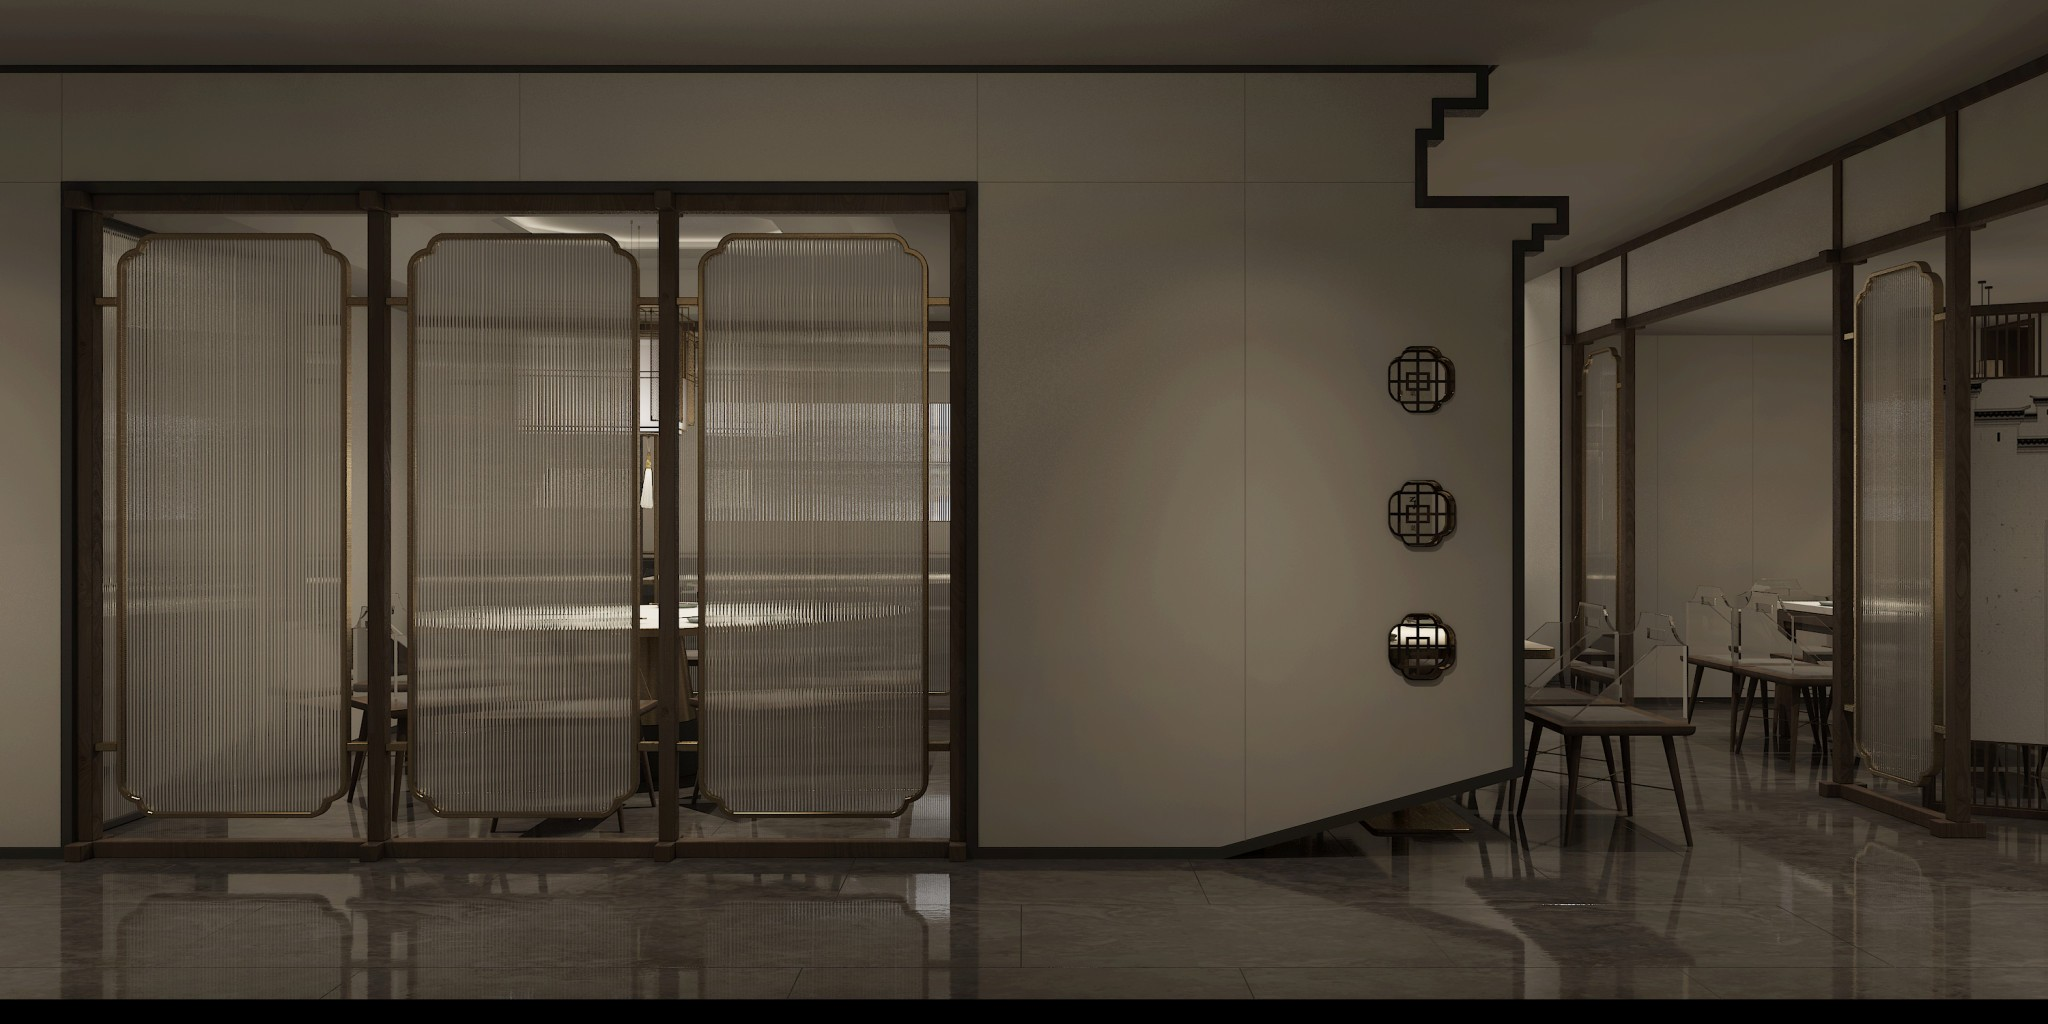 杨记兴连锁餐厅设计-餐厅设计-杭州达岸品牌策划设计公司